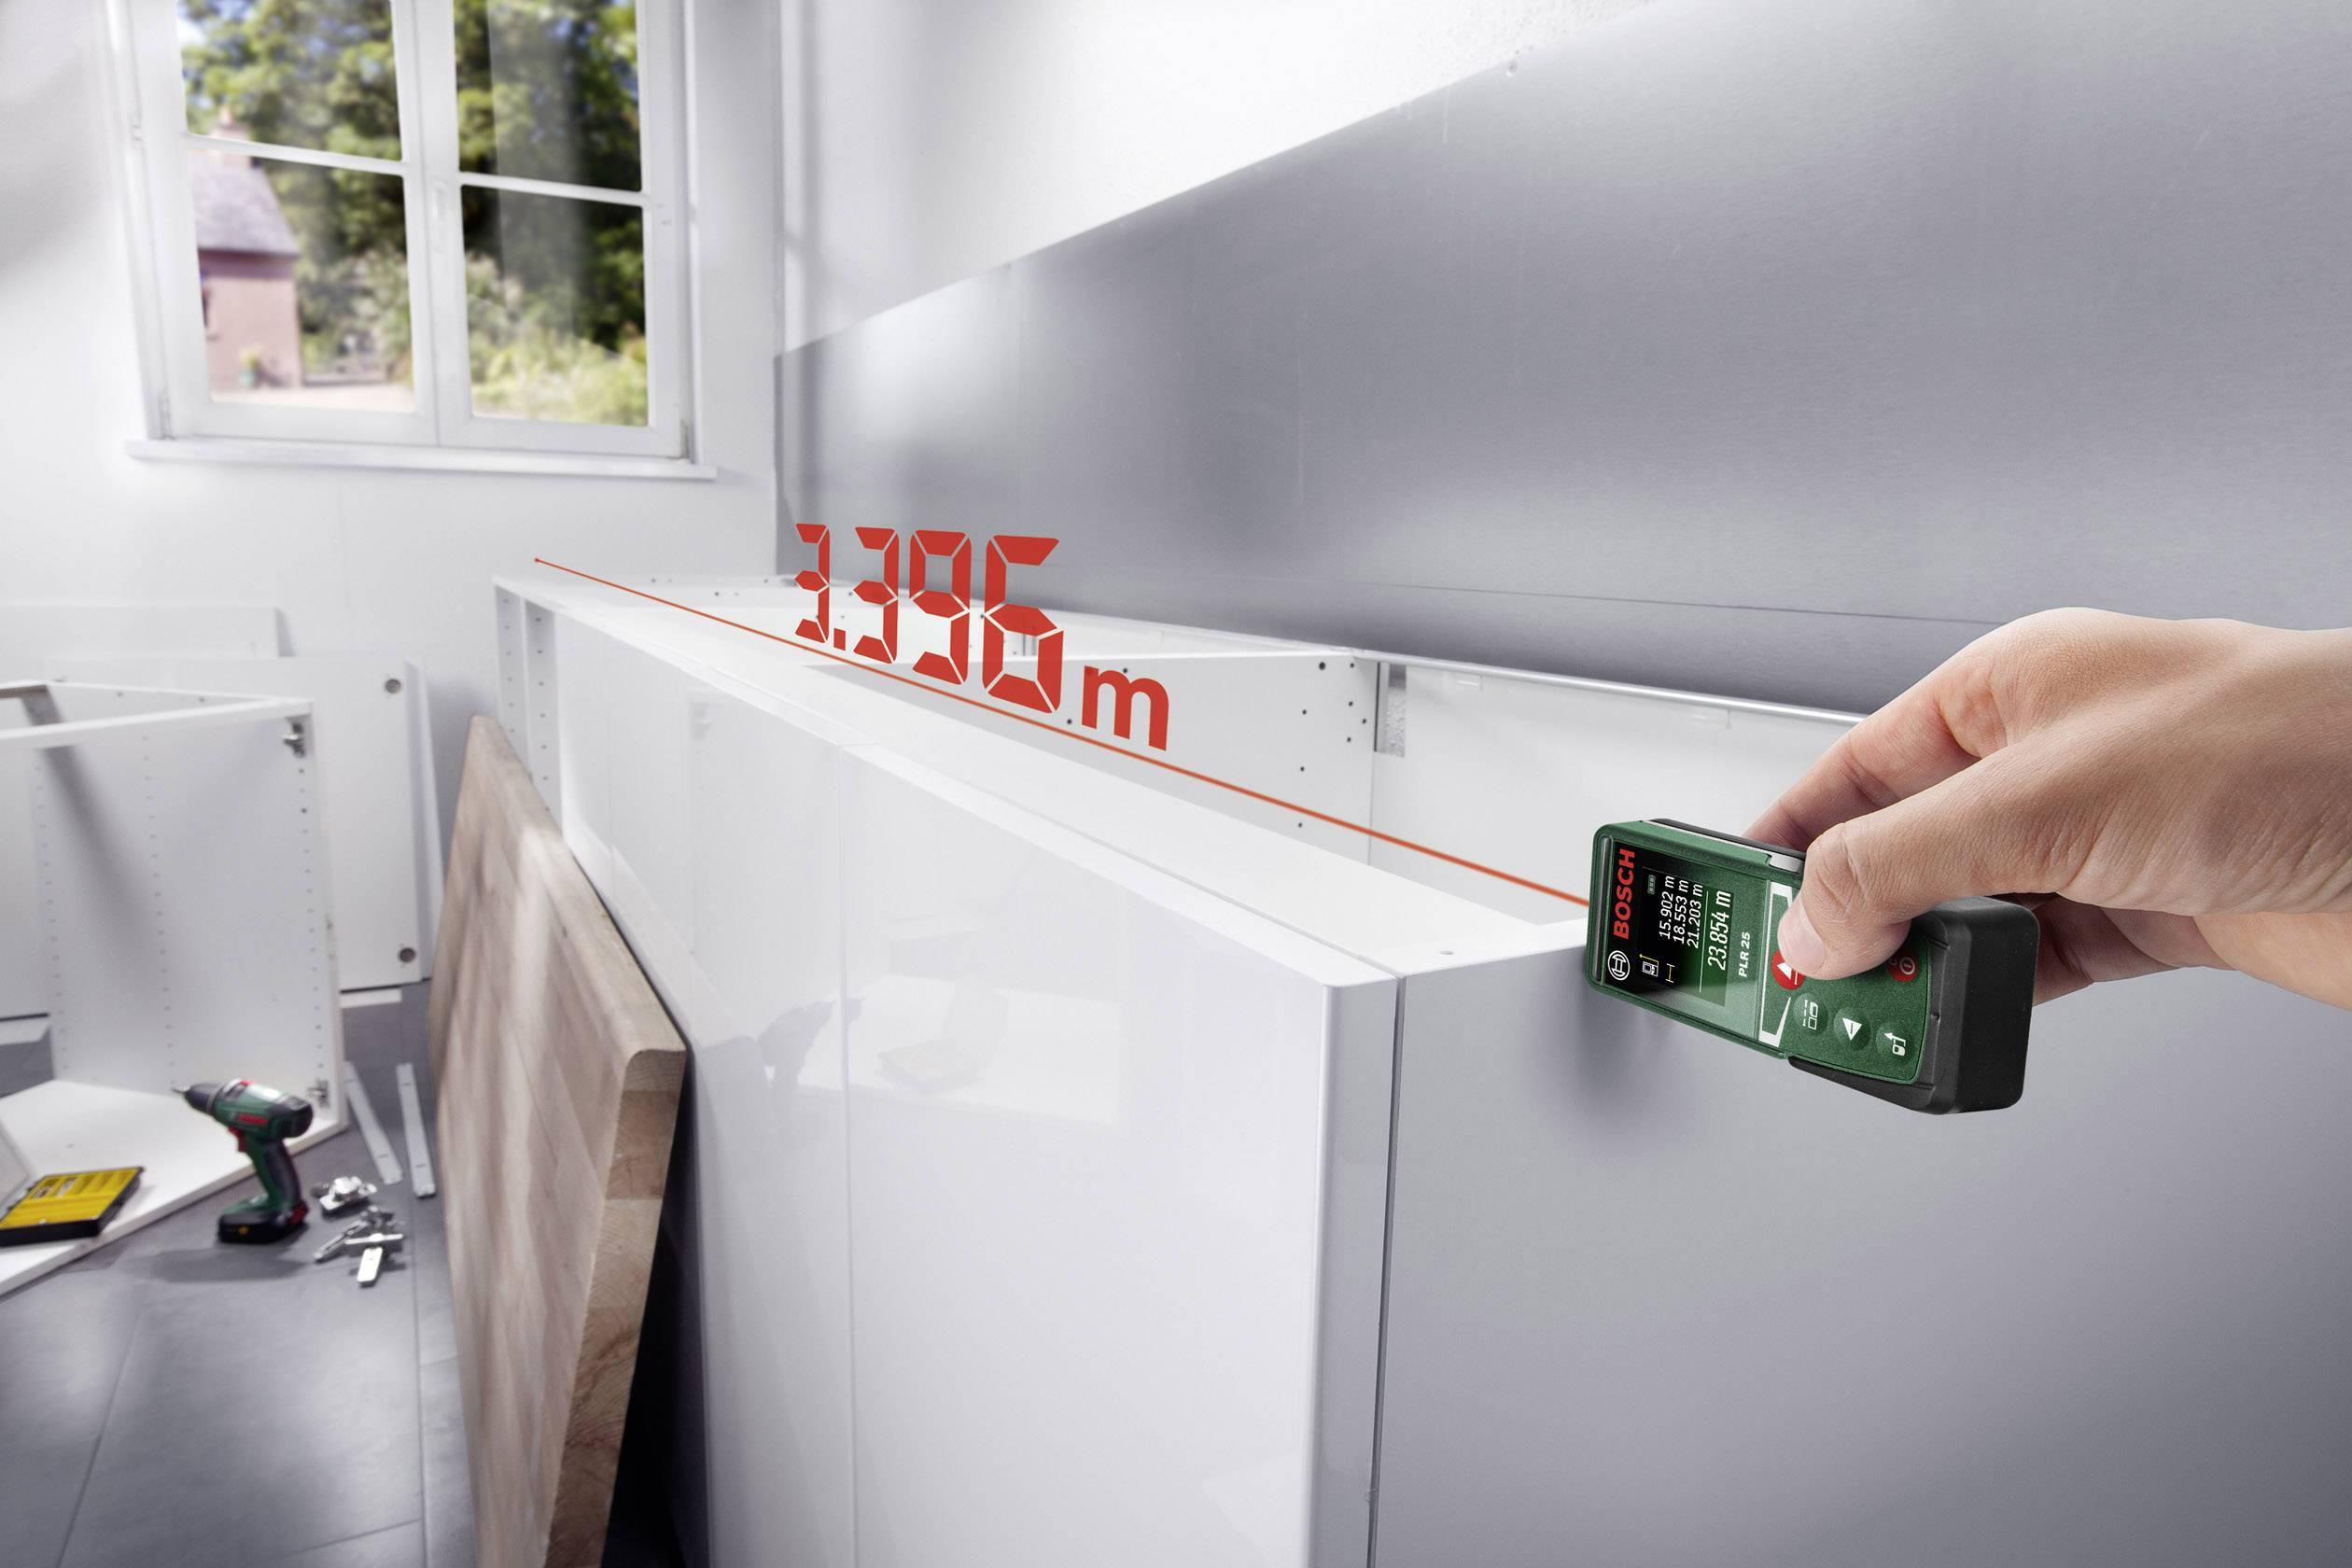 Entfernungsmesser Mit Rad : Bosch home and garden plr laser entfernungsmesser messbereich